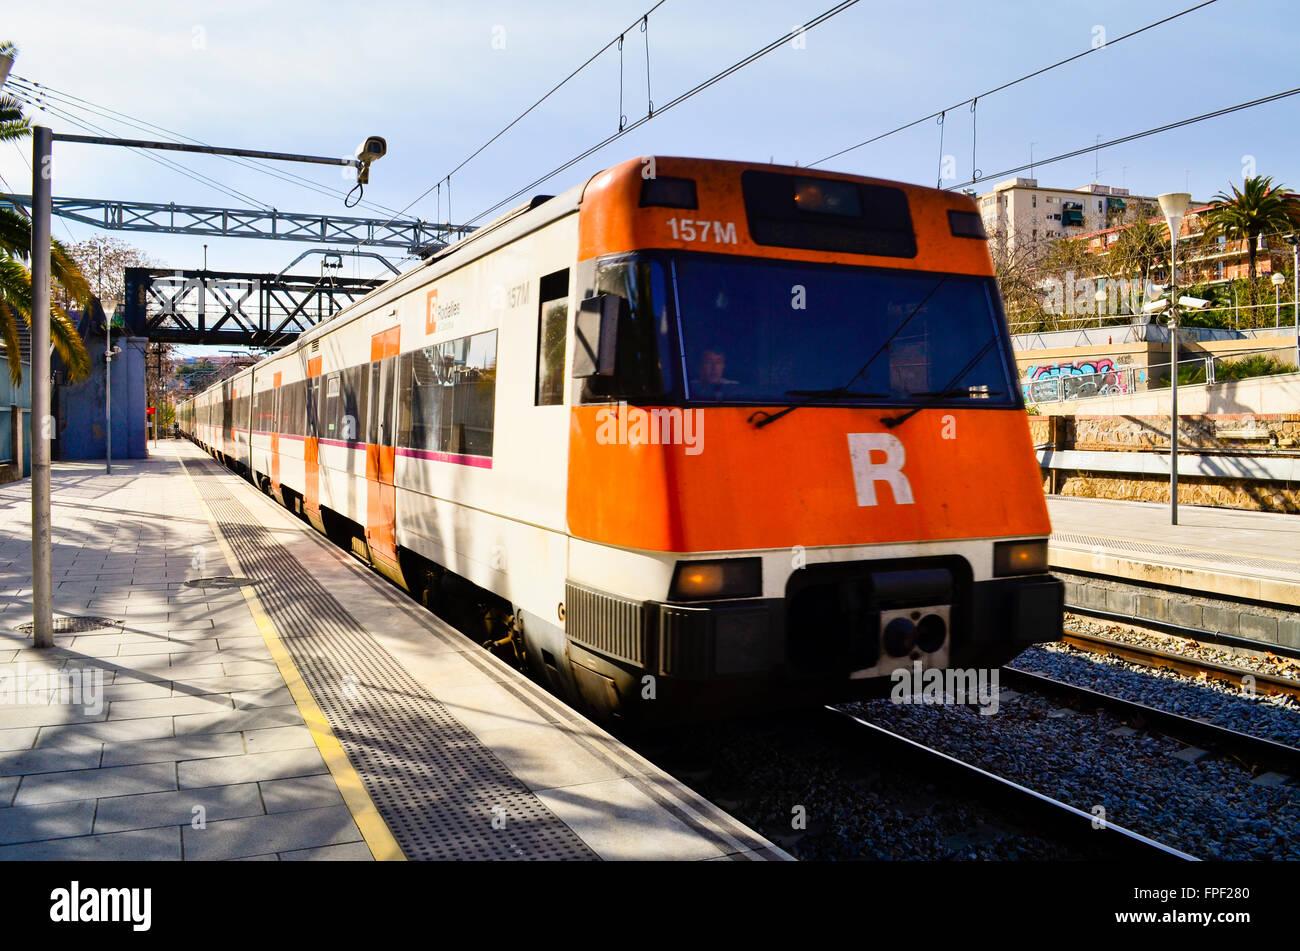 La Estación De Tren Hospitalet Del Llobregat Provincia De Barcelona Cataluña España Fotografía De Stock Alamy